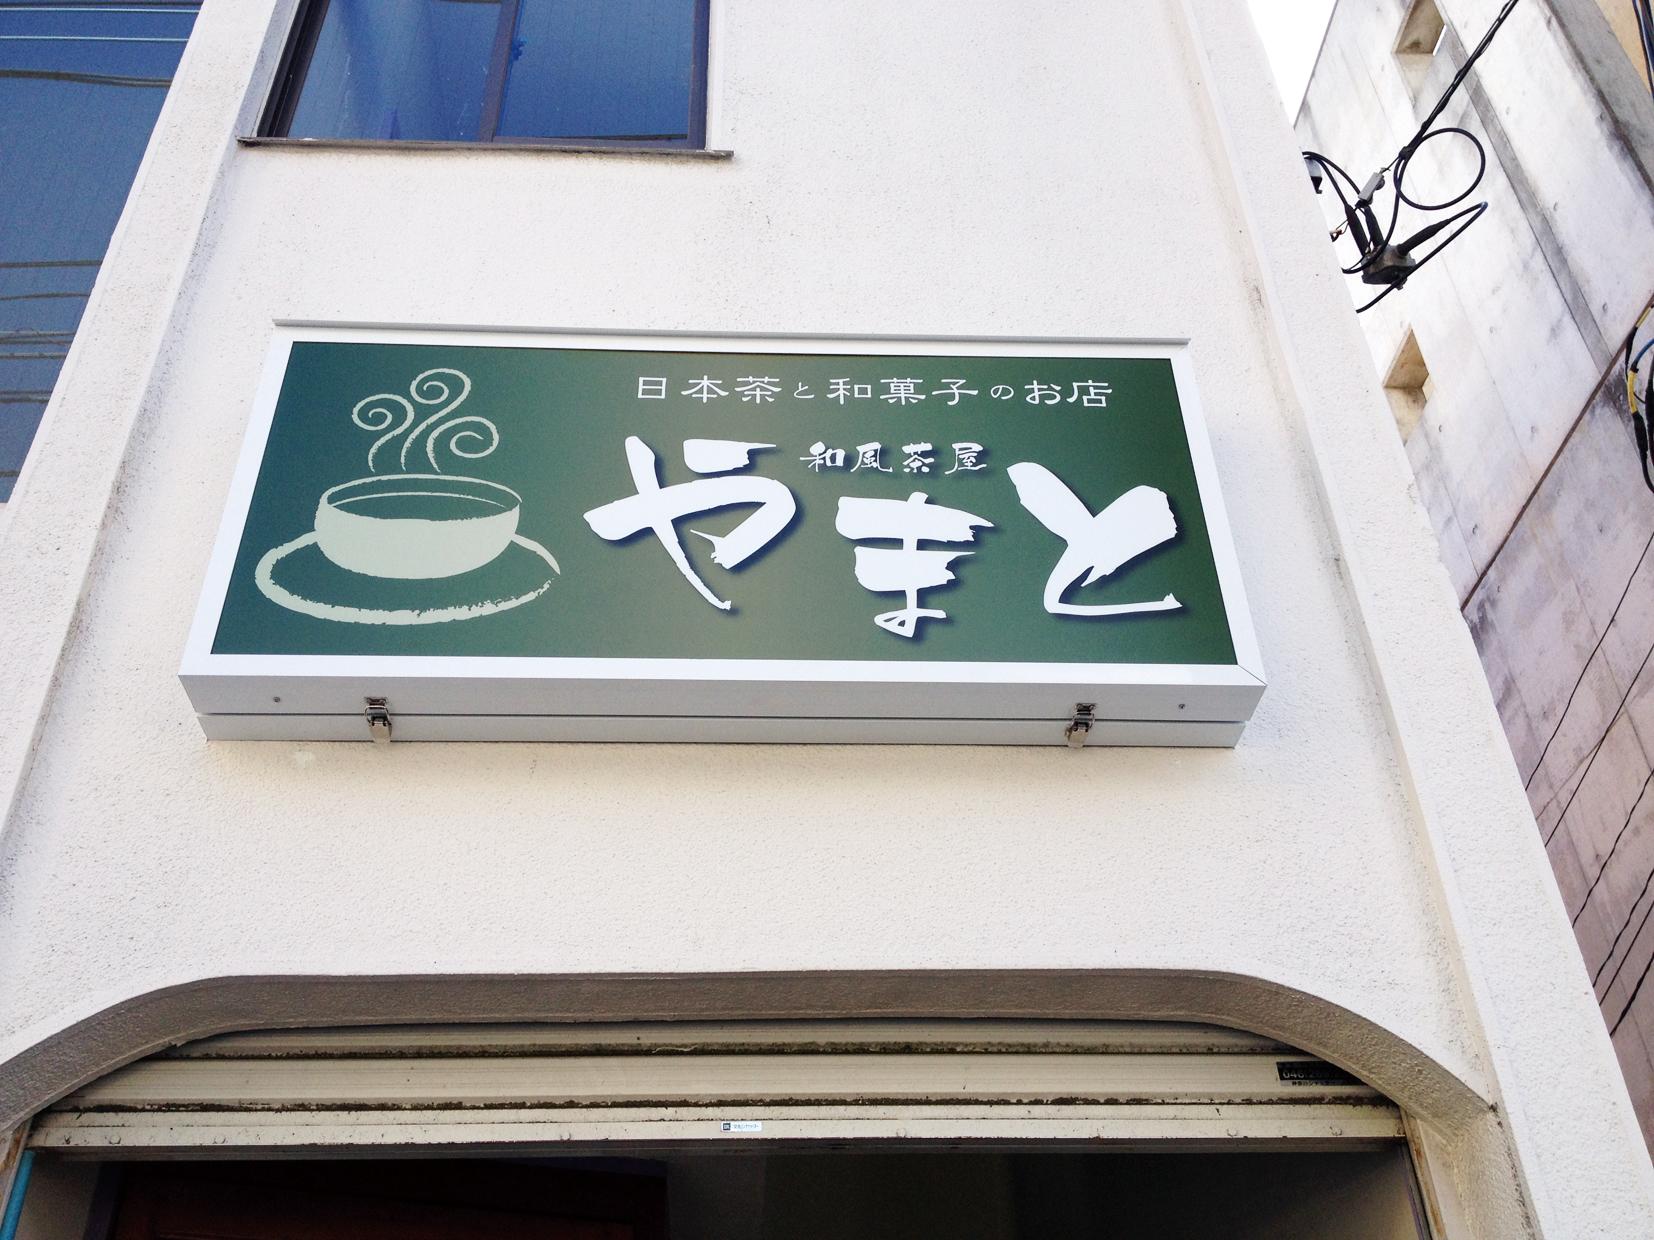 大和市喫茶店様 | 看板制作